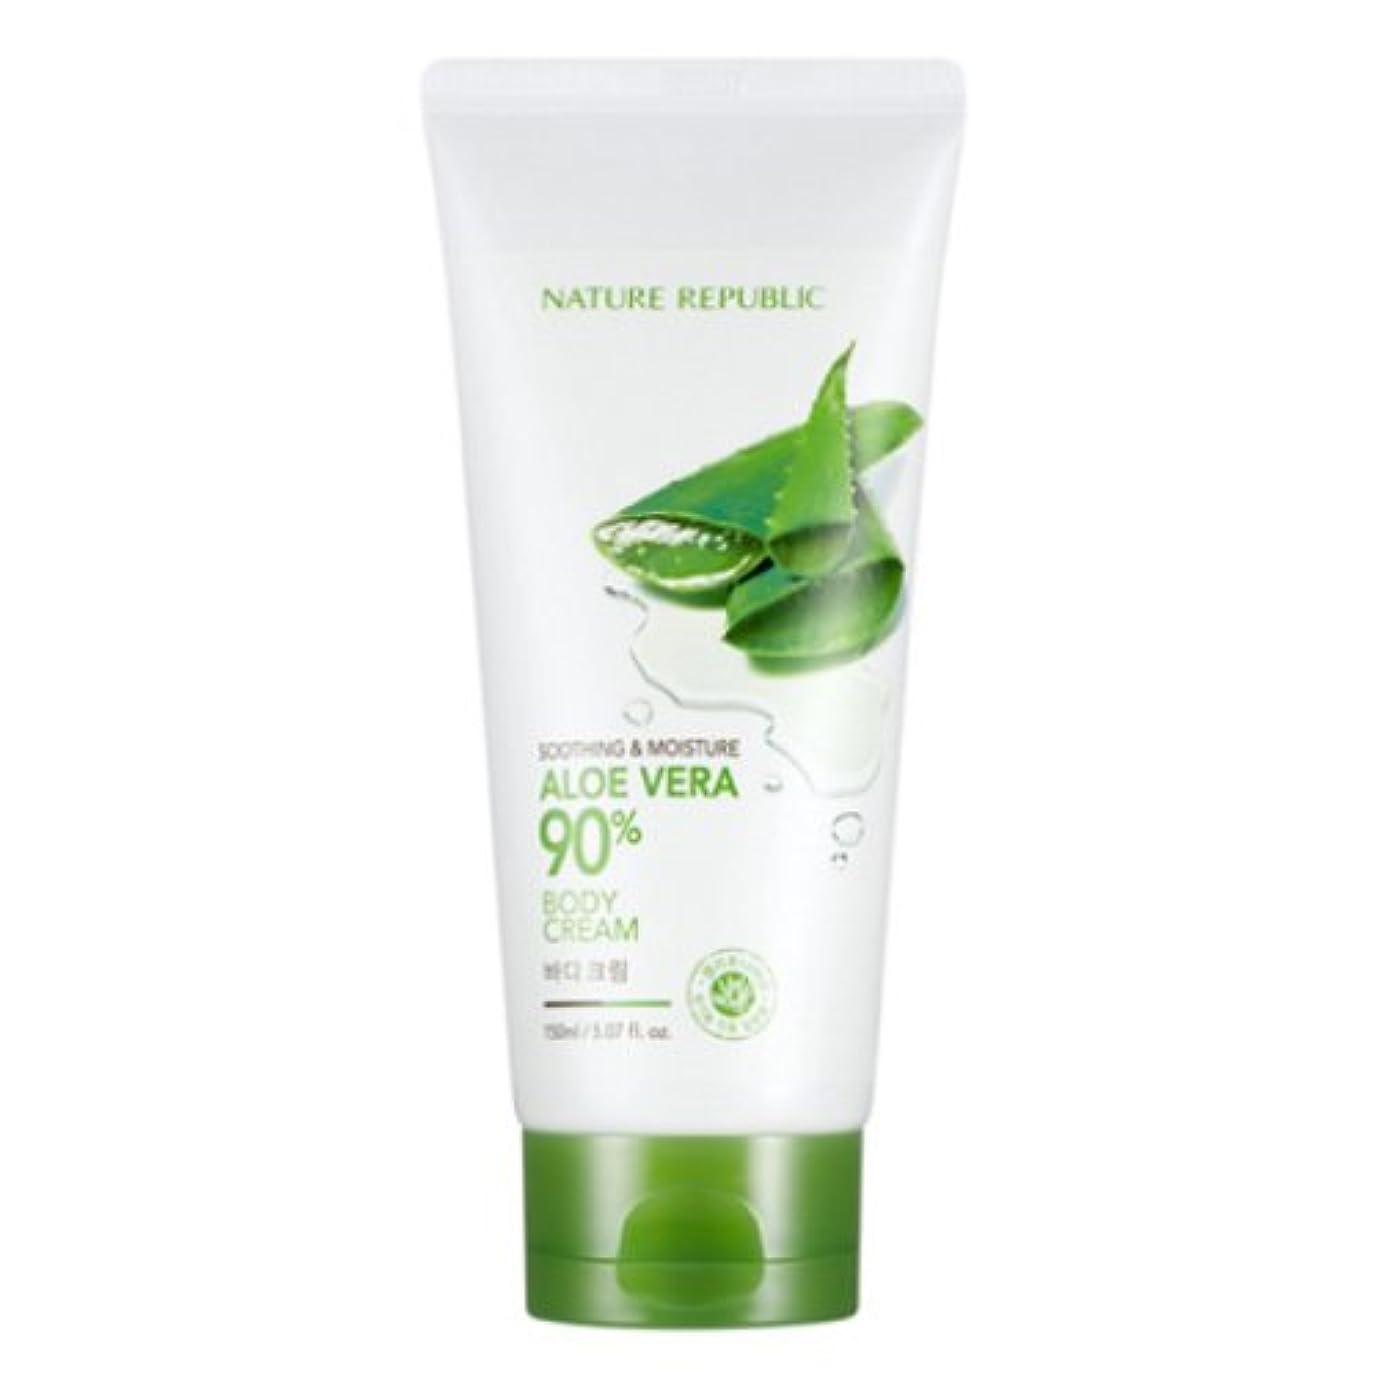 示す勤勉上に築きます[ネイチャーリパブリック] Nature republicスージングアンドモイスチャーアロエベラ90%ボディクリーム海外直送品(Soothing And Moisture Aloe Vera90%Body Cream)...